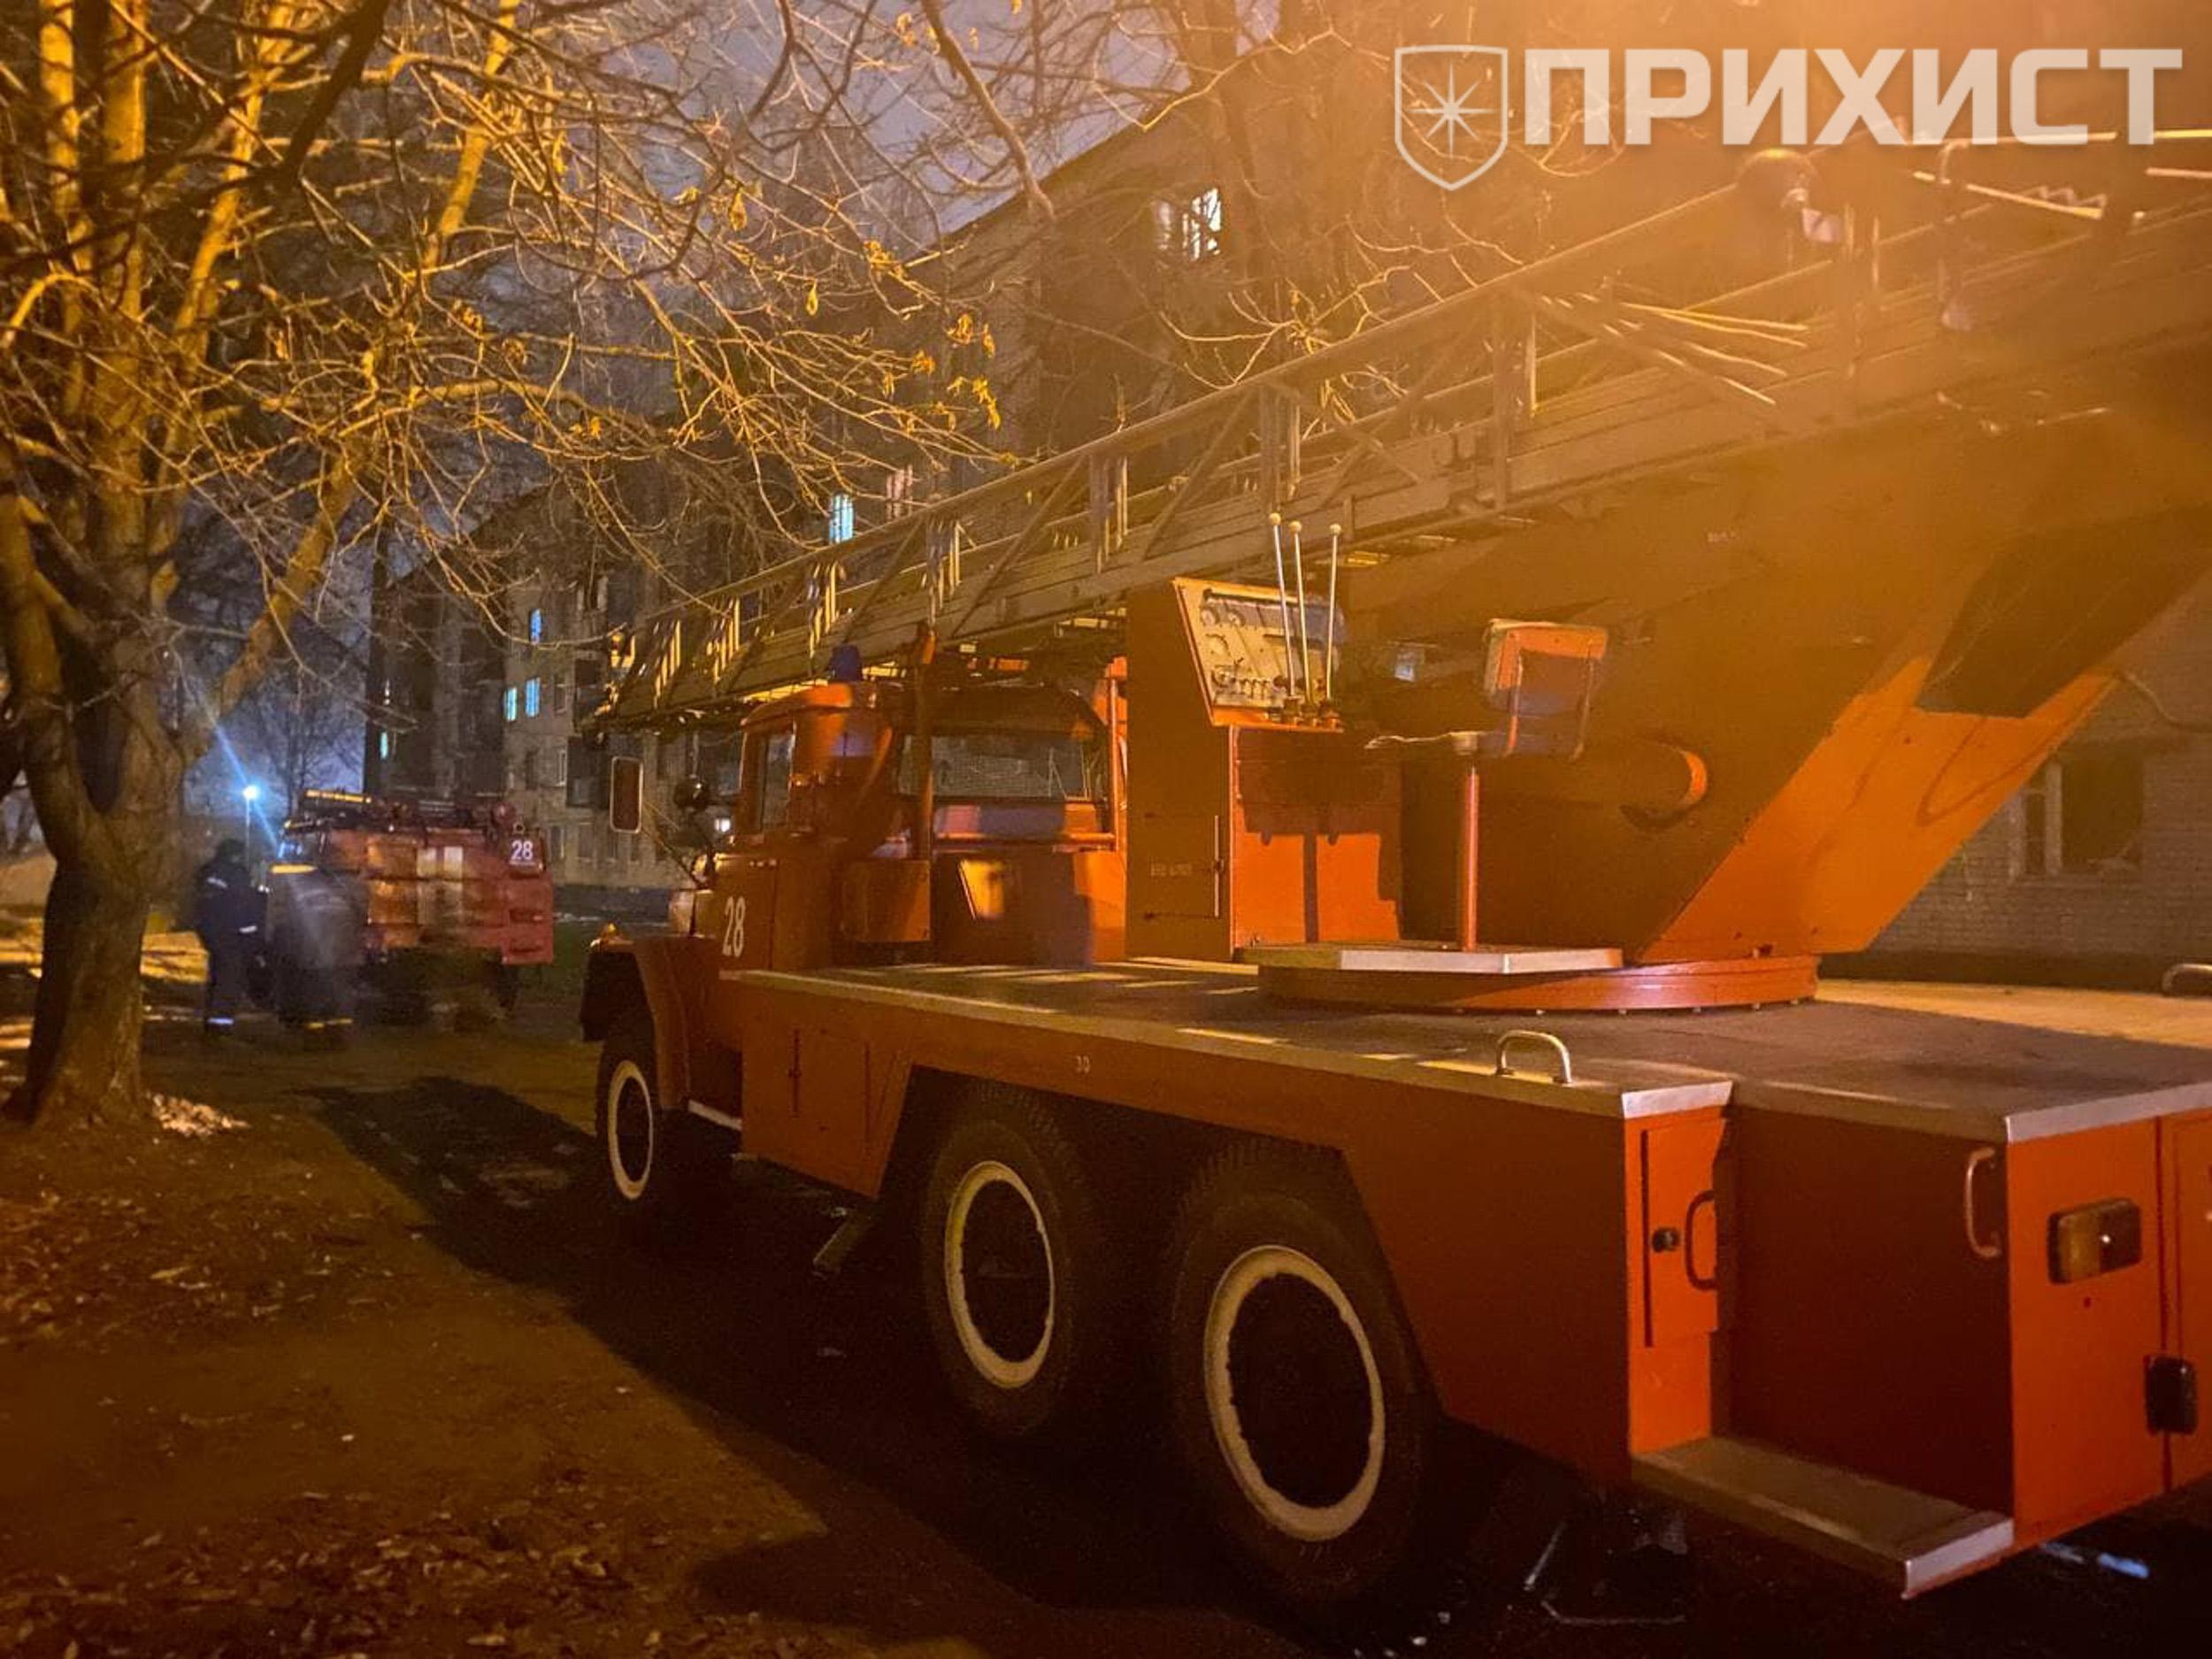 В Никополе из-за подтопления подвала обесточена часть многоэтажного дома   Прихист